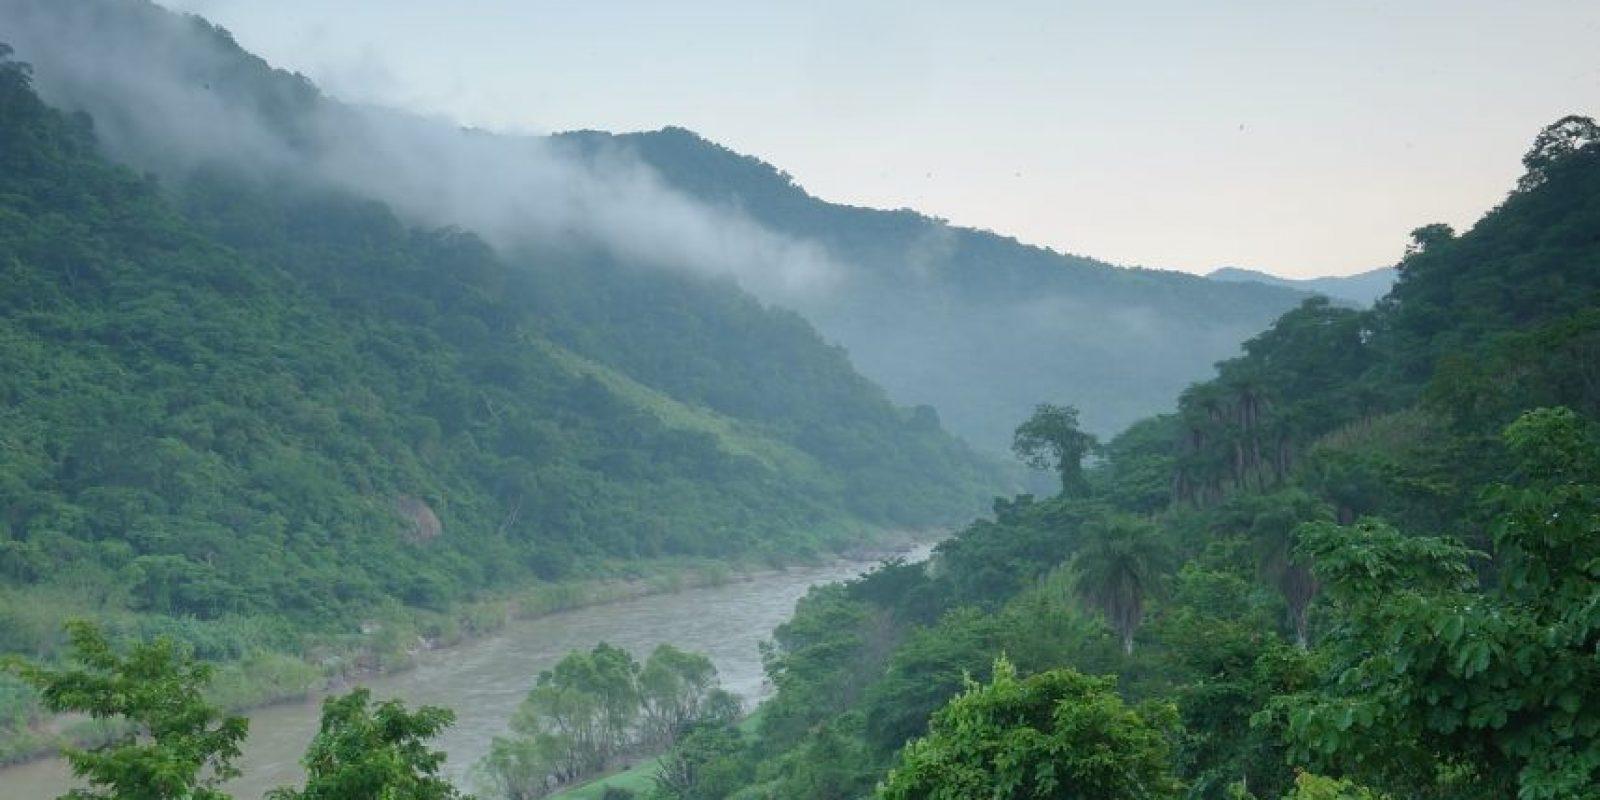 Vista del río San Pedro Mezquital, de 540 Km de longitud, en su paso por las fértiles tierras. Único río en México que cruza la sierra Madre Occidental libre de presas y los estados de en Durango, Nayarit y Zacatecas.  Foto:Imagen: (C) Jaime Rojo/WWF